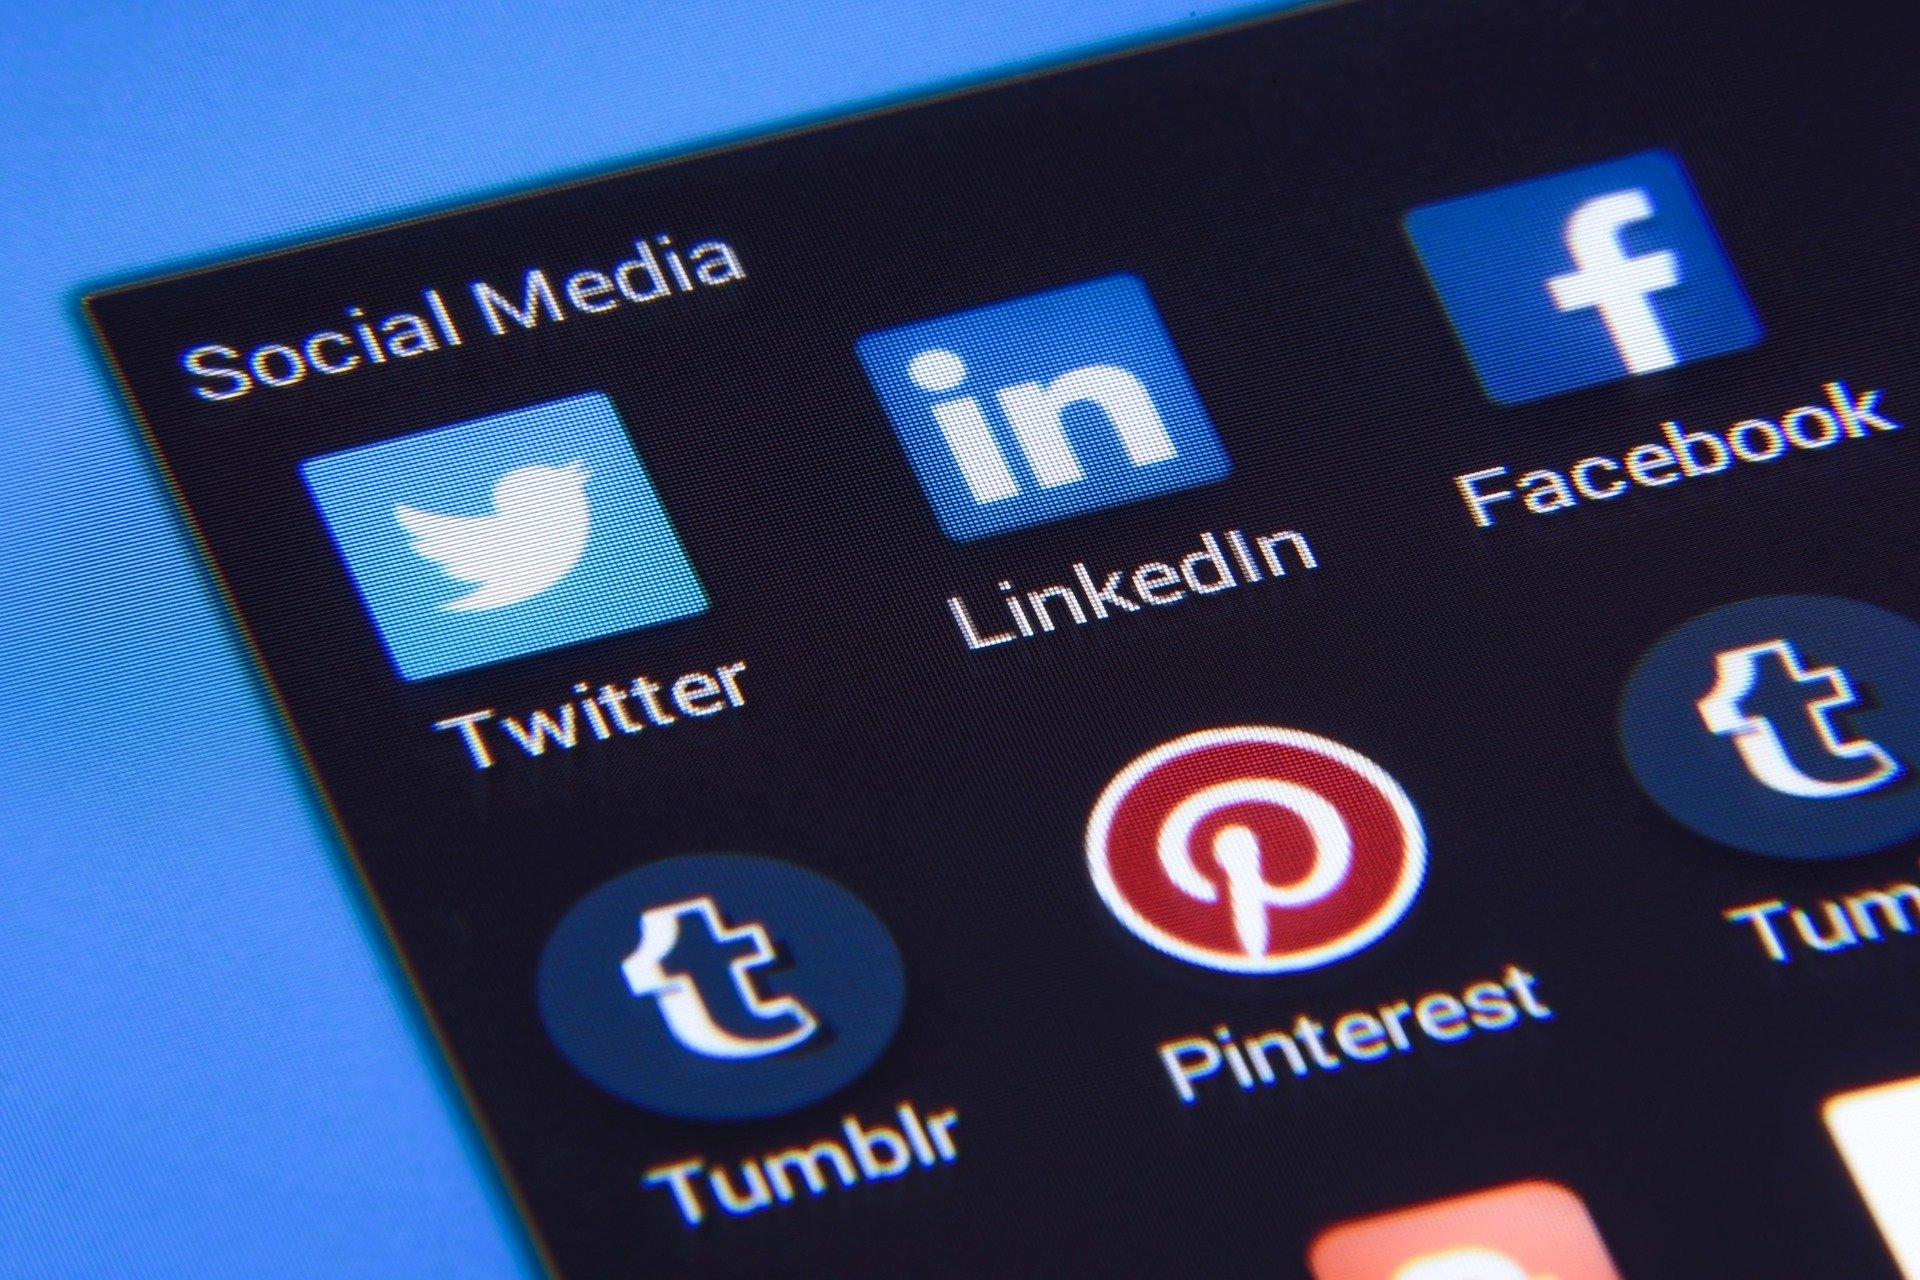 50+国外社交书签网站推荐,提升英文网站流量 1